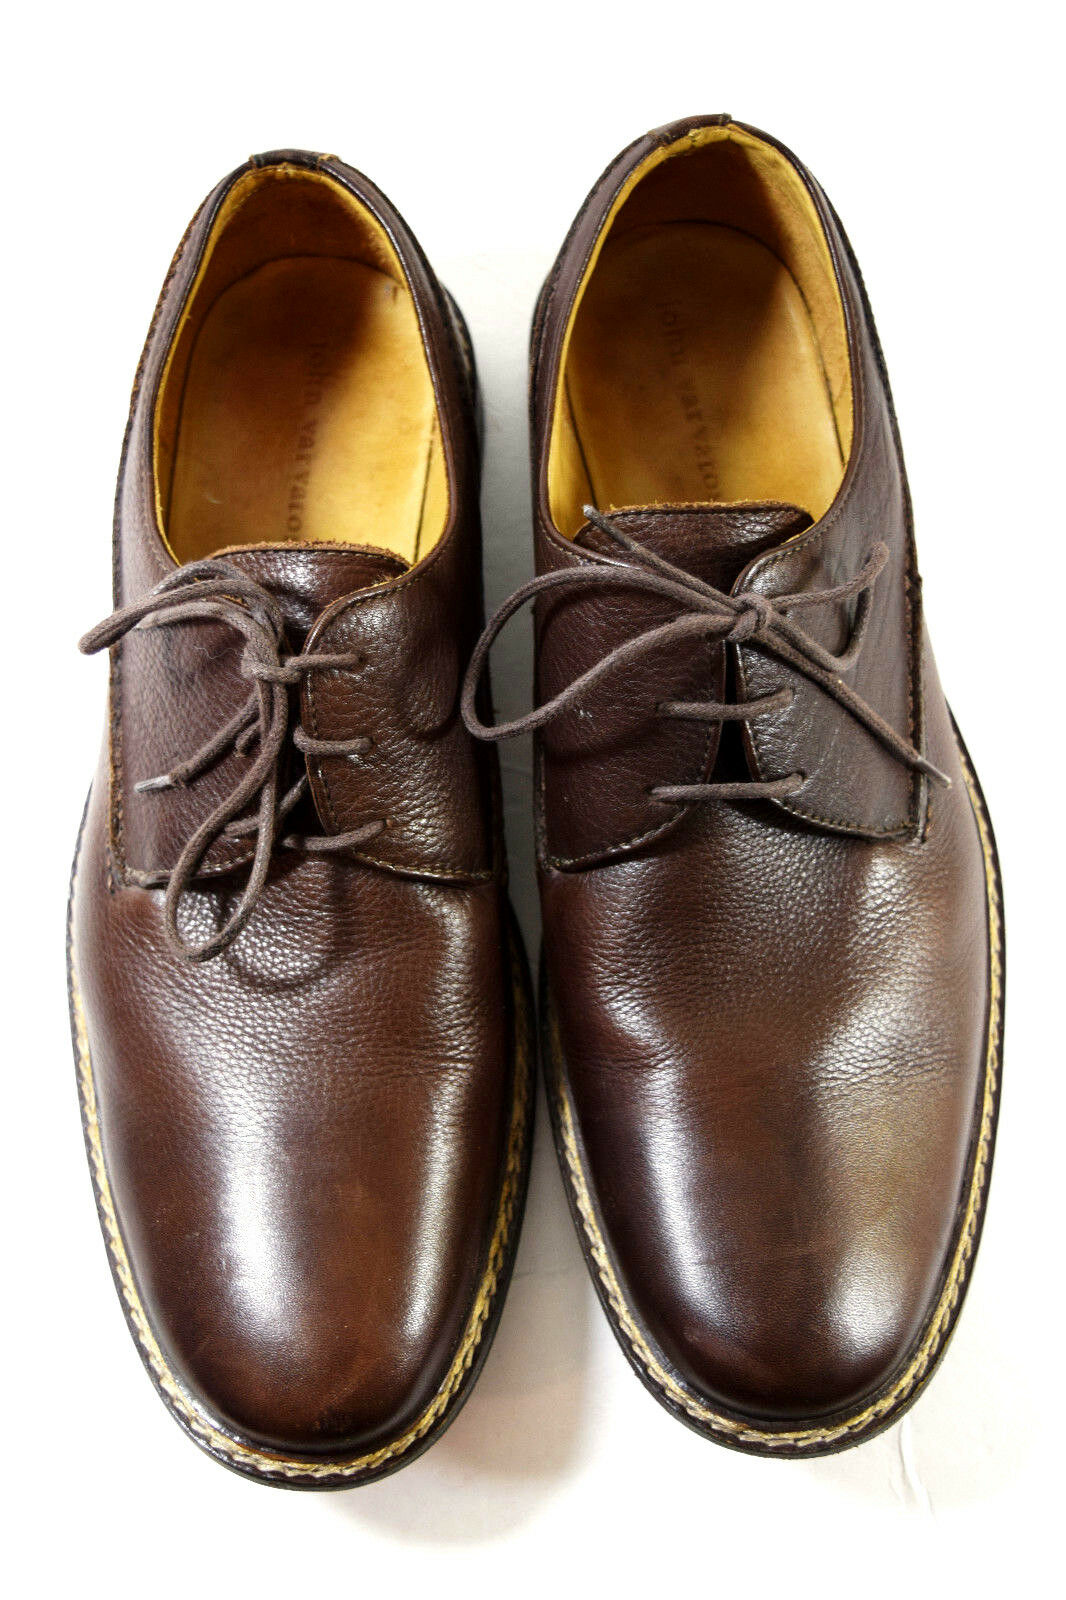 John Varvatos Para hombre Oxford Zapatos marróns 11.5 M